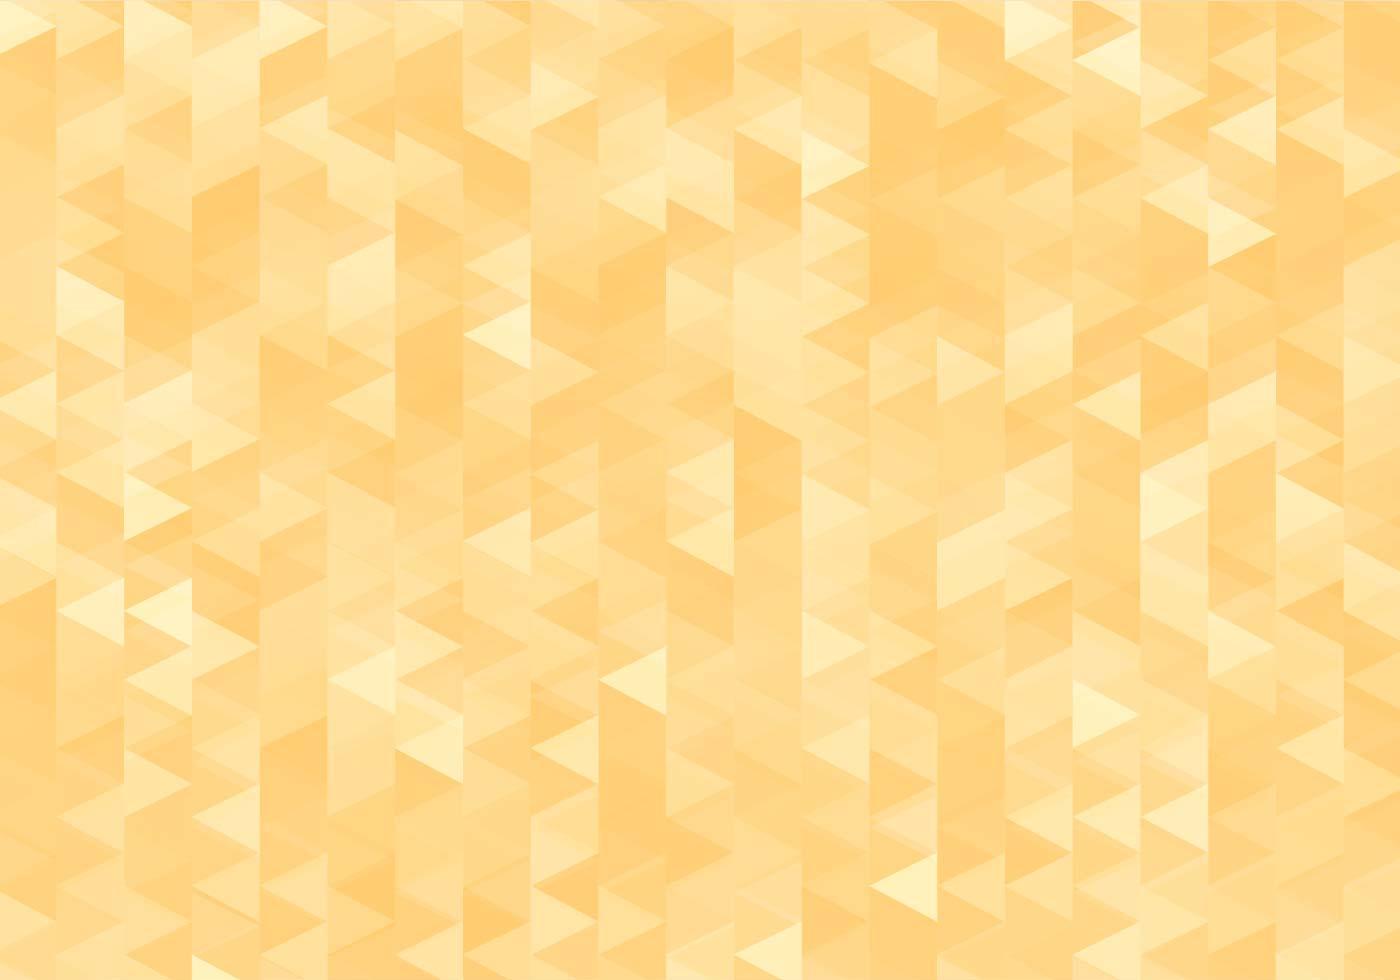 幾何圖騰 免費下載 | 天天瘋後製